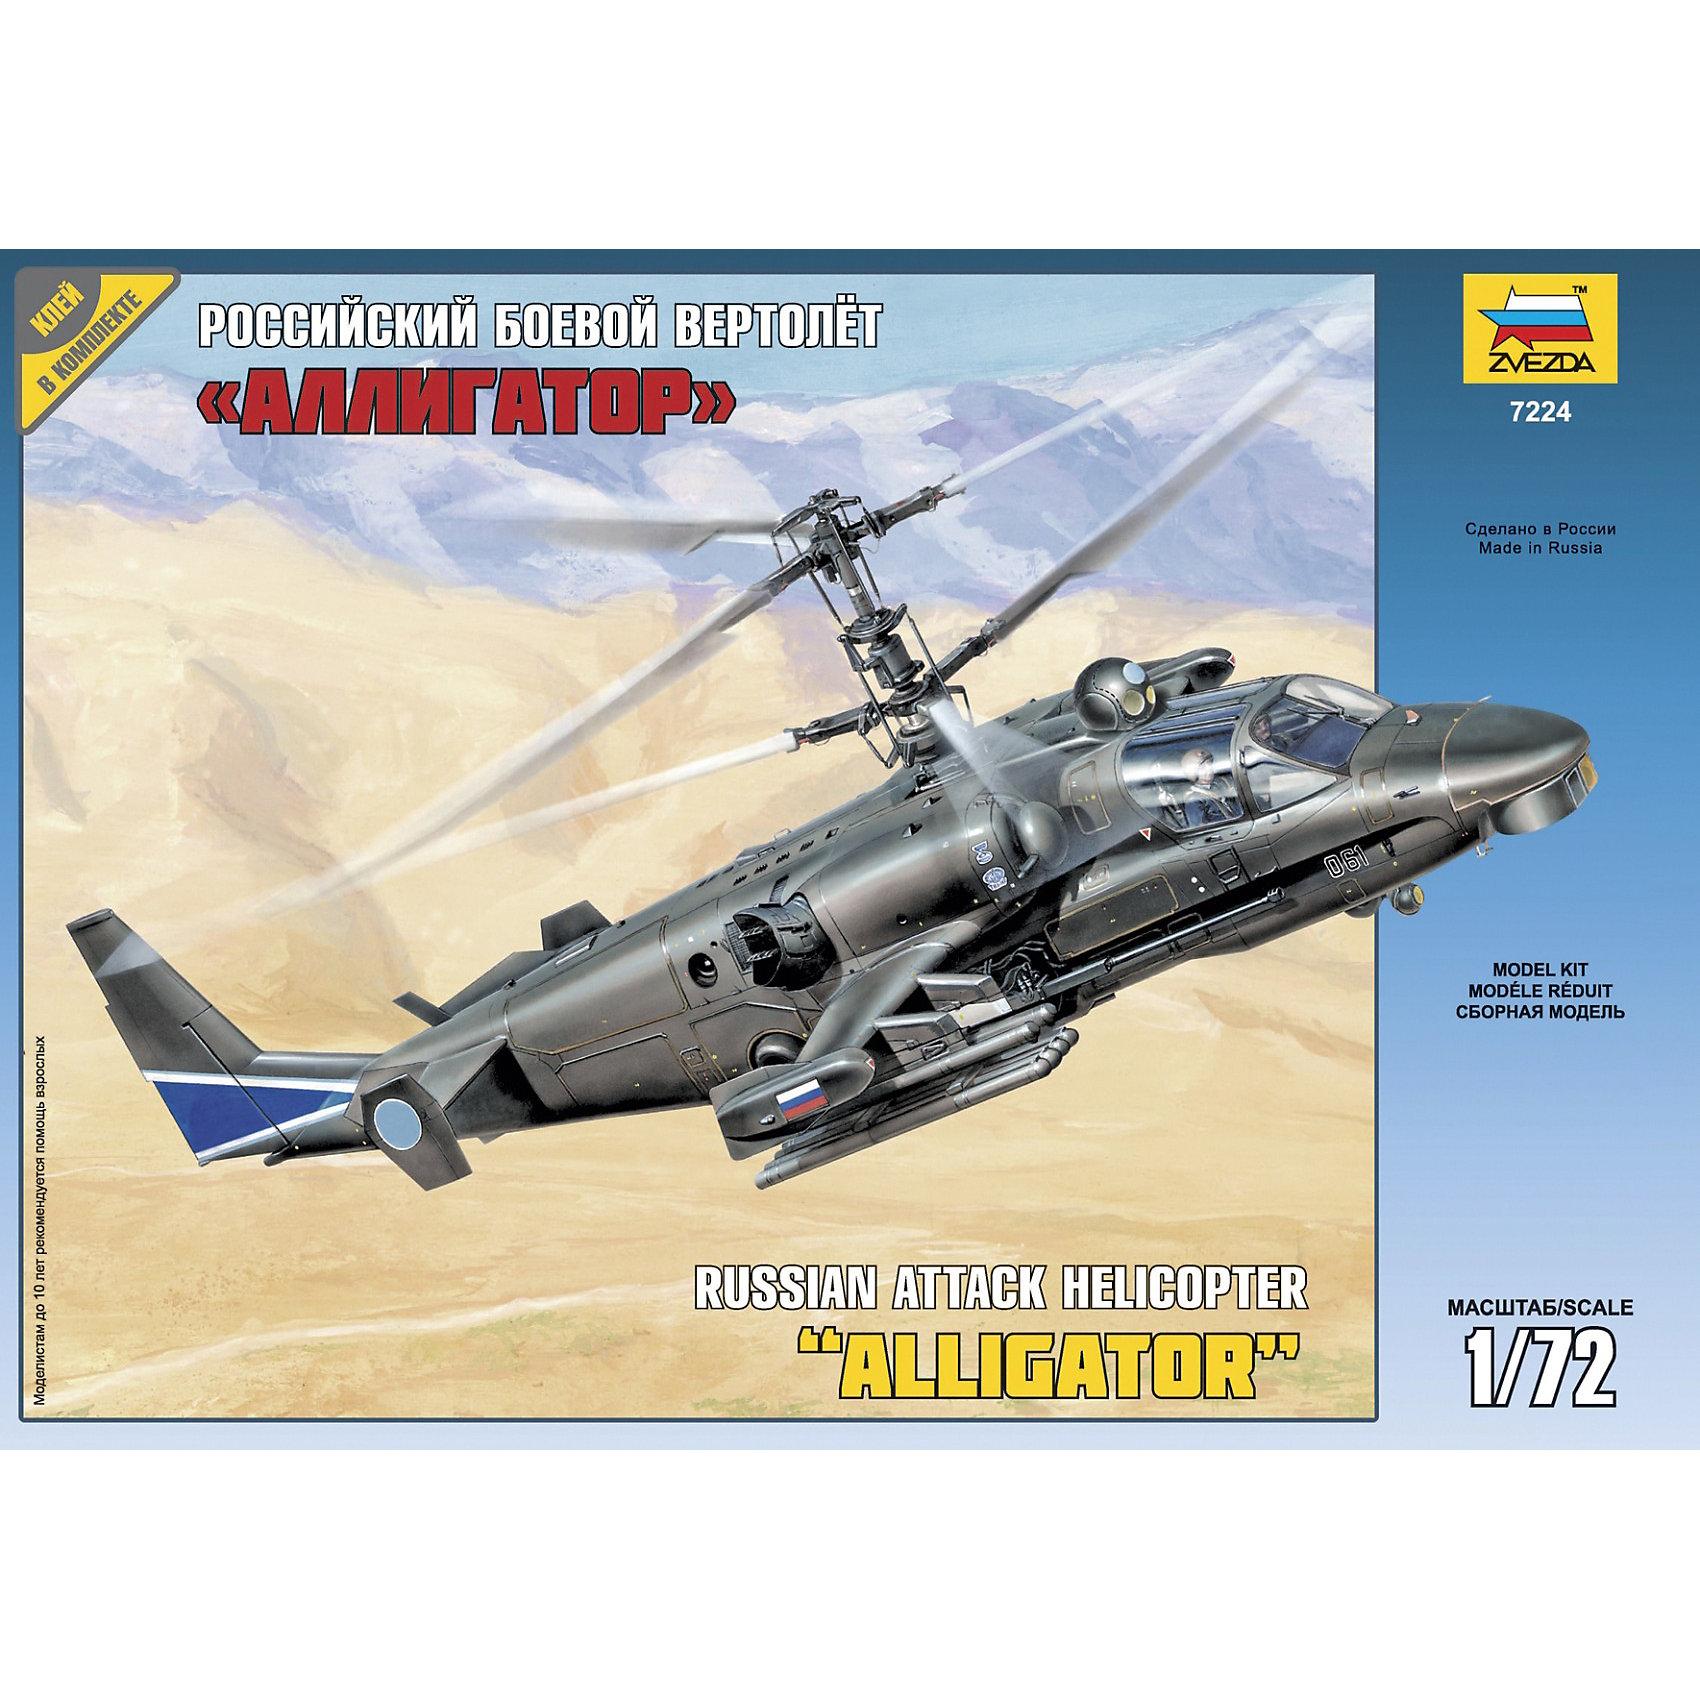 Звезда Сборная модель вертолета Ка-52 Аллигатор, Звезда башун виталий михайлович звезда конструктора